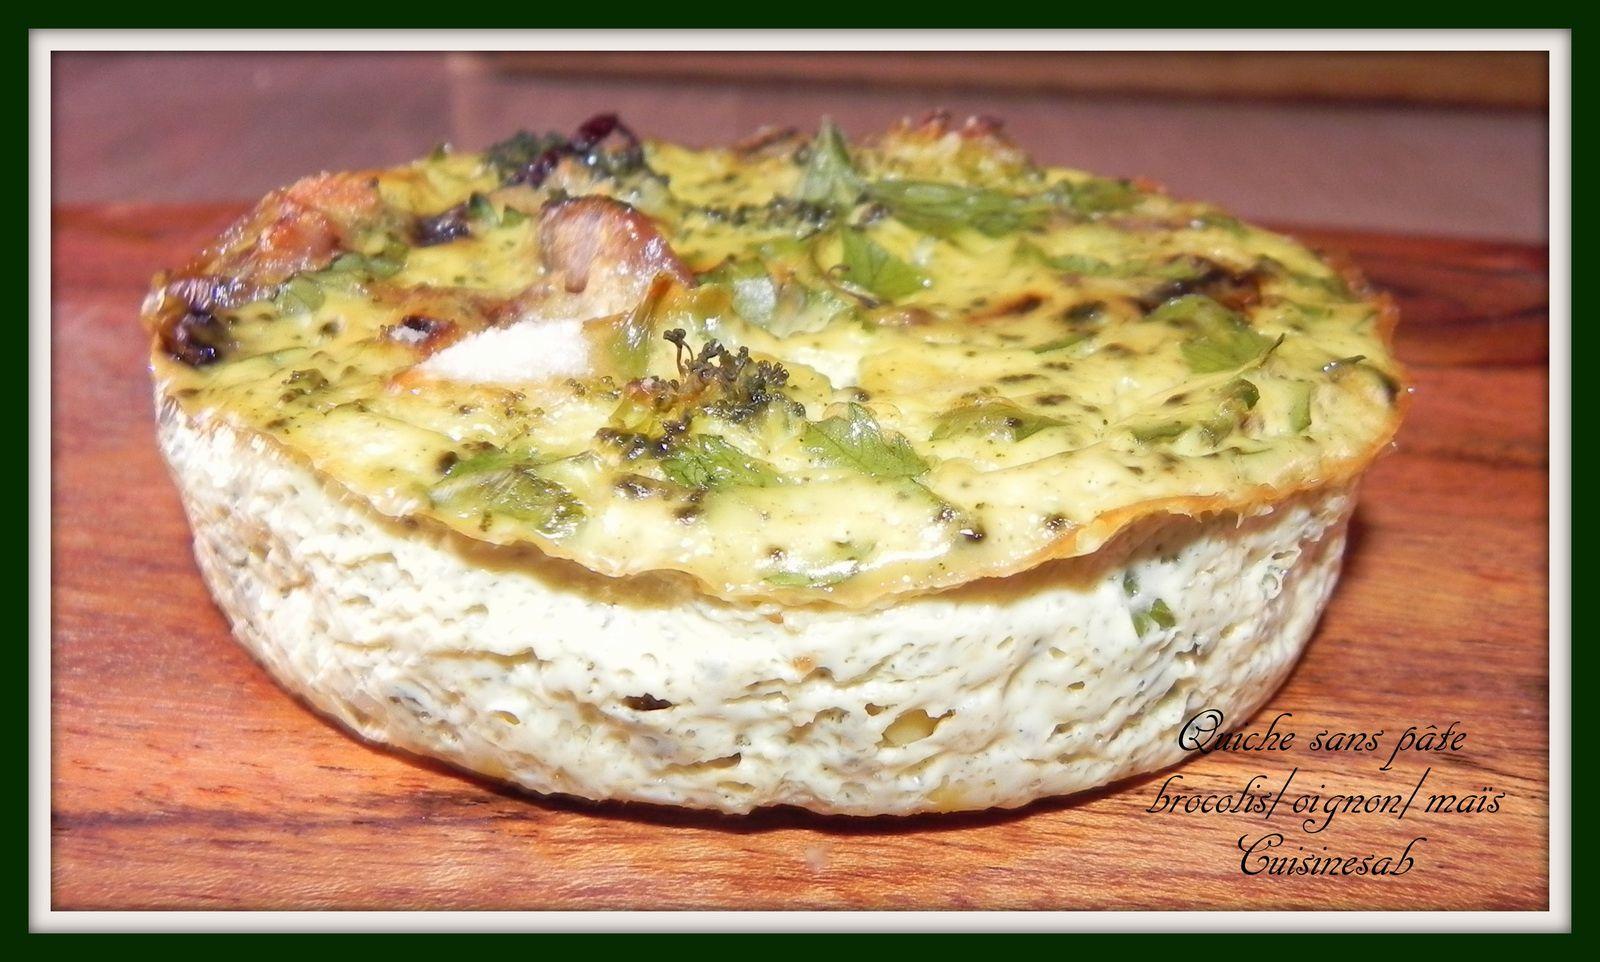 Quiche sans pâte brocolis/oignons/maïs